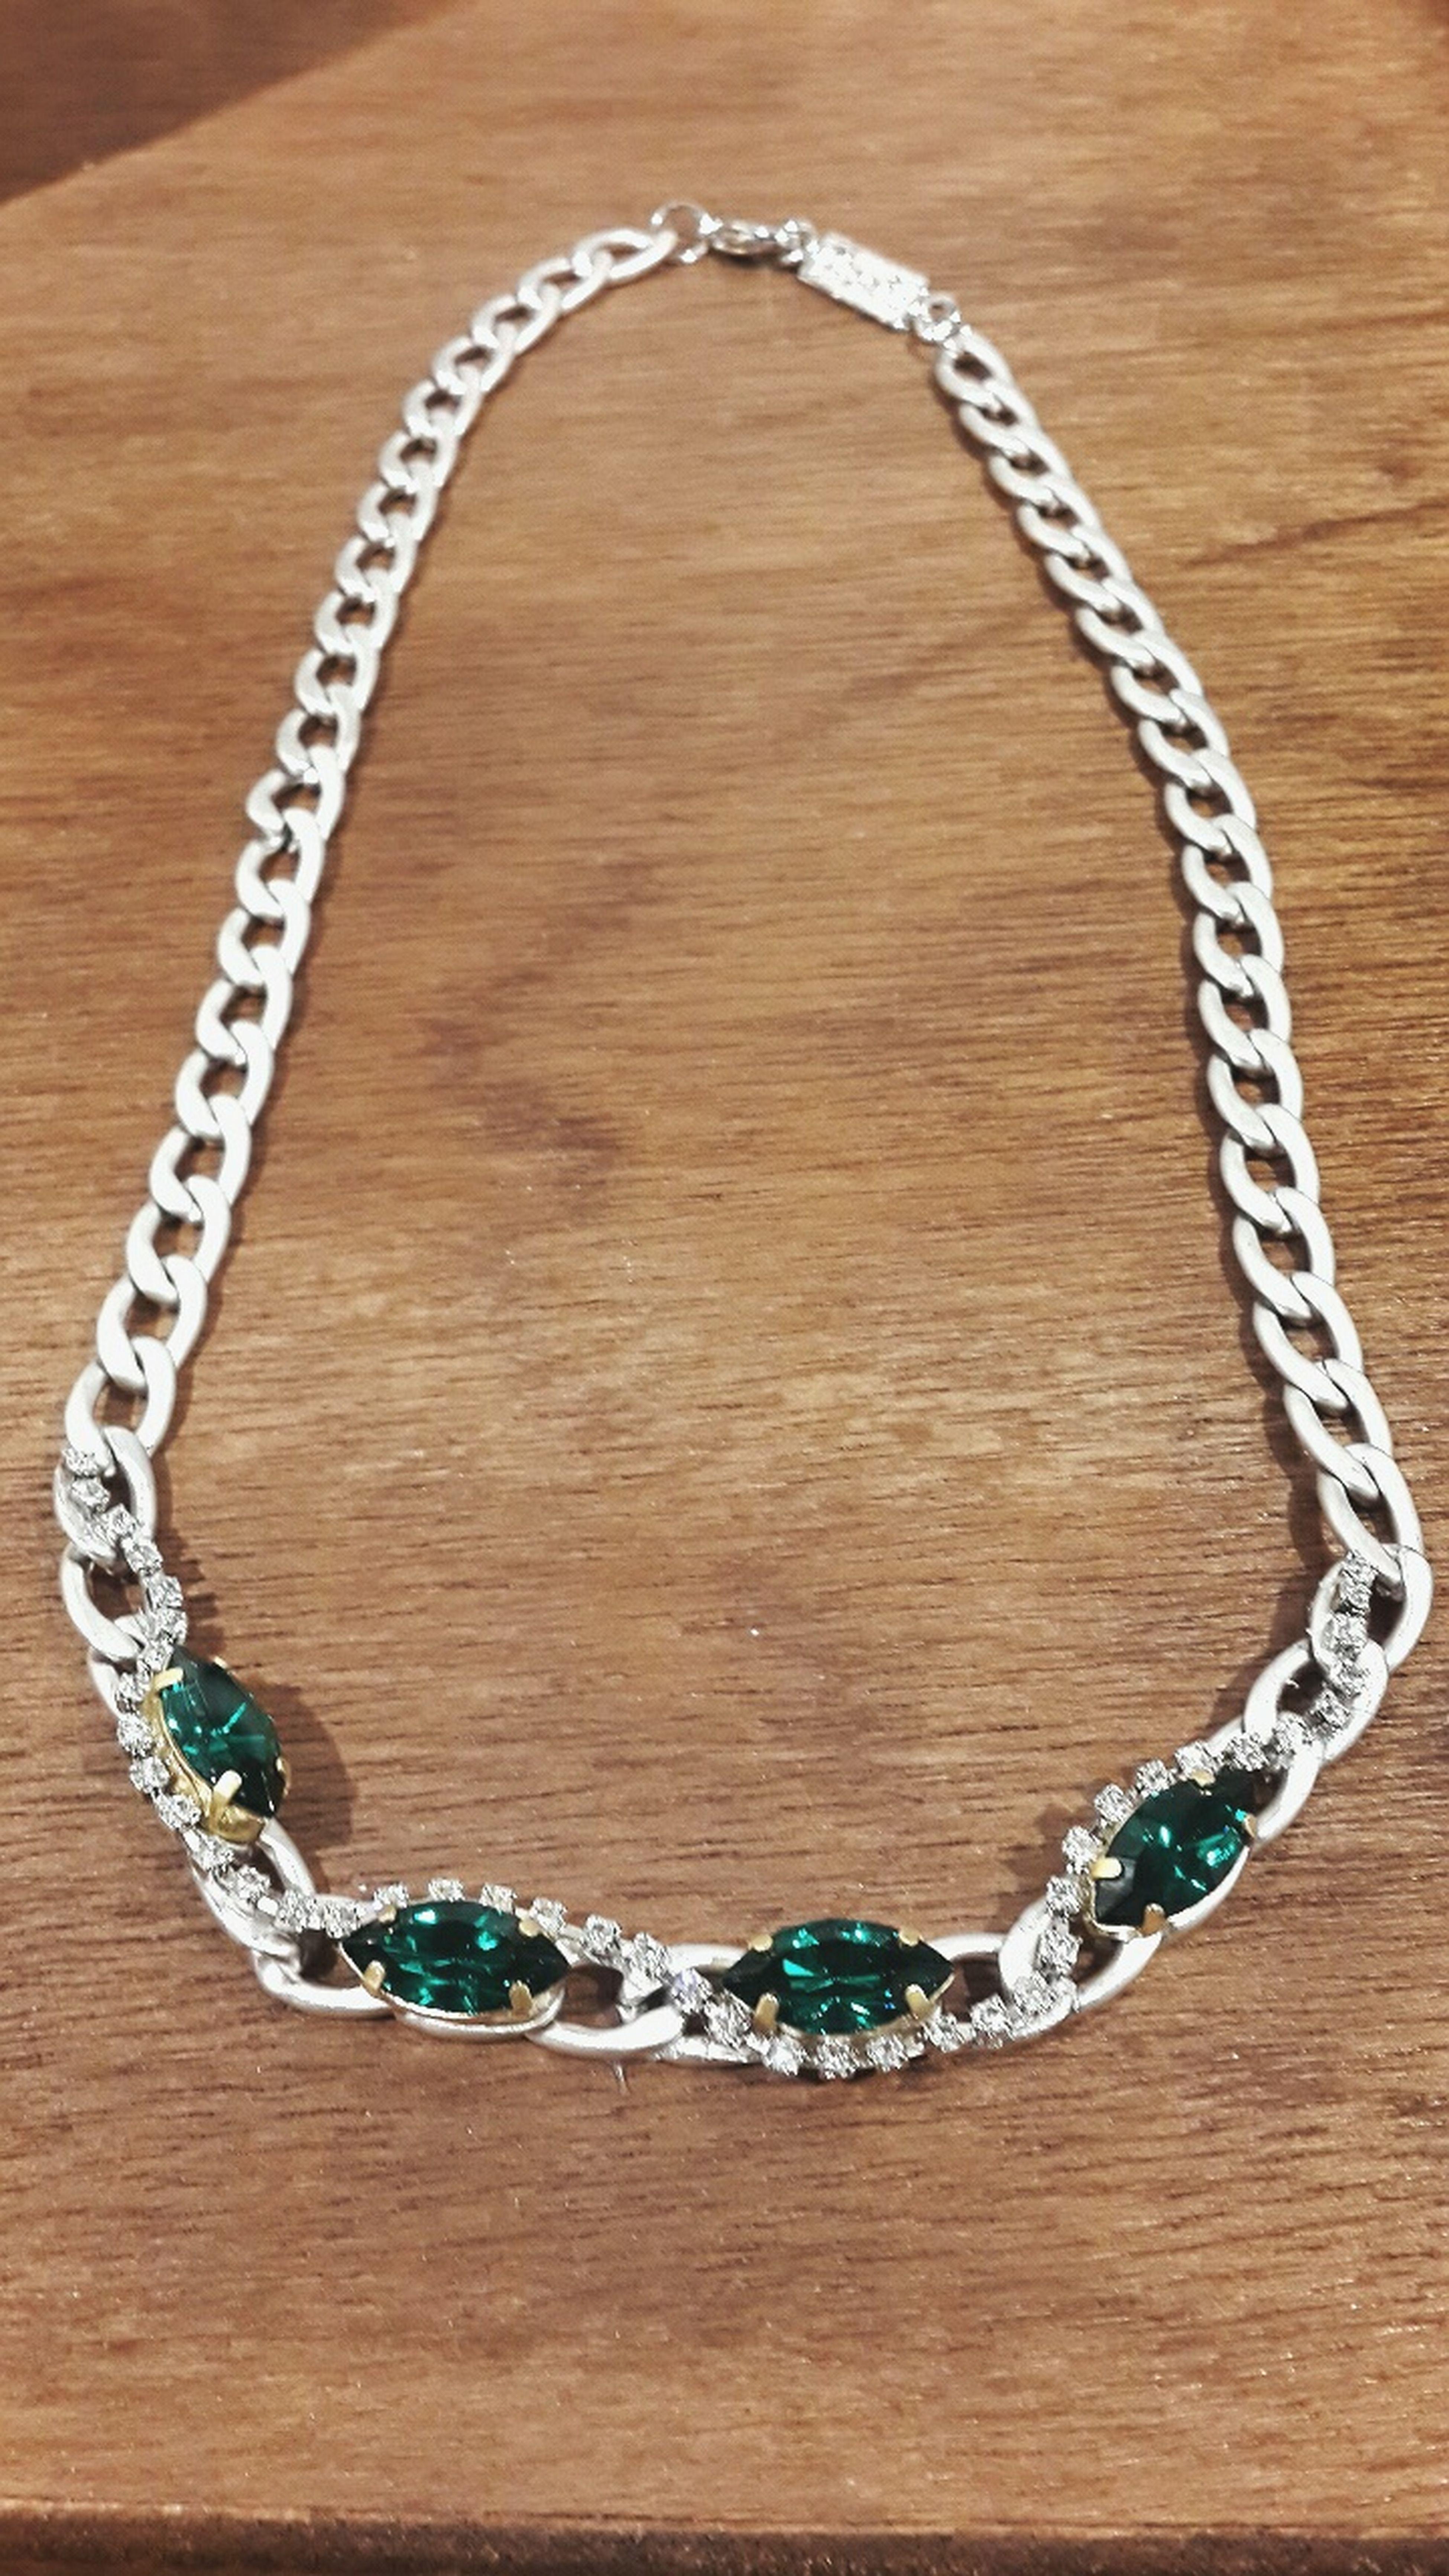 멋진 목걸이. Hi! Handmade Jewelry Fashiondesign New Design